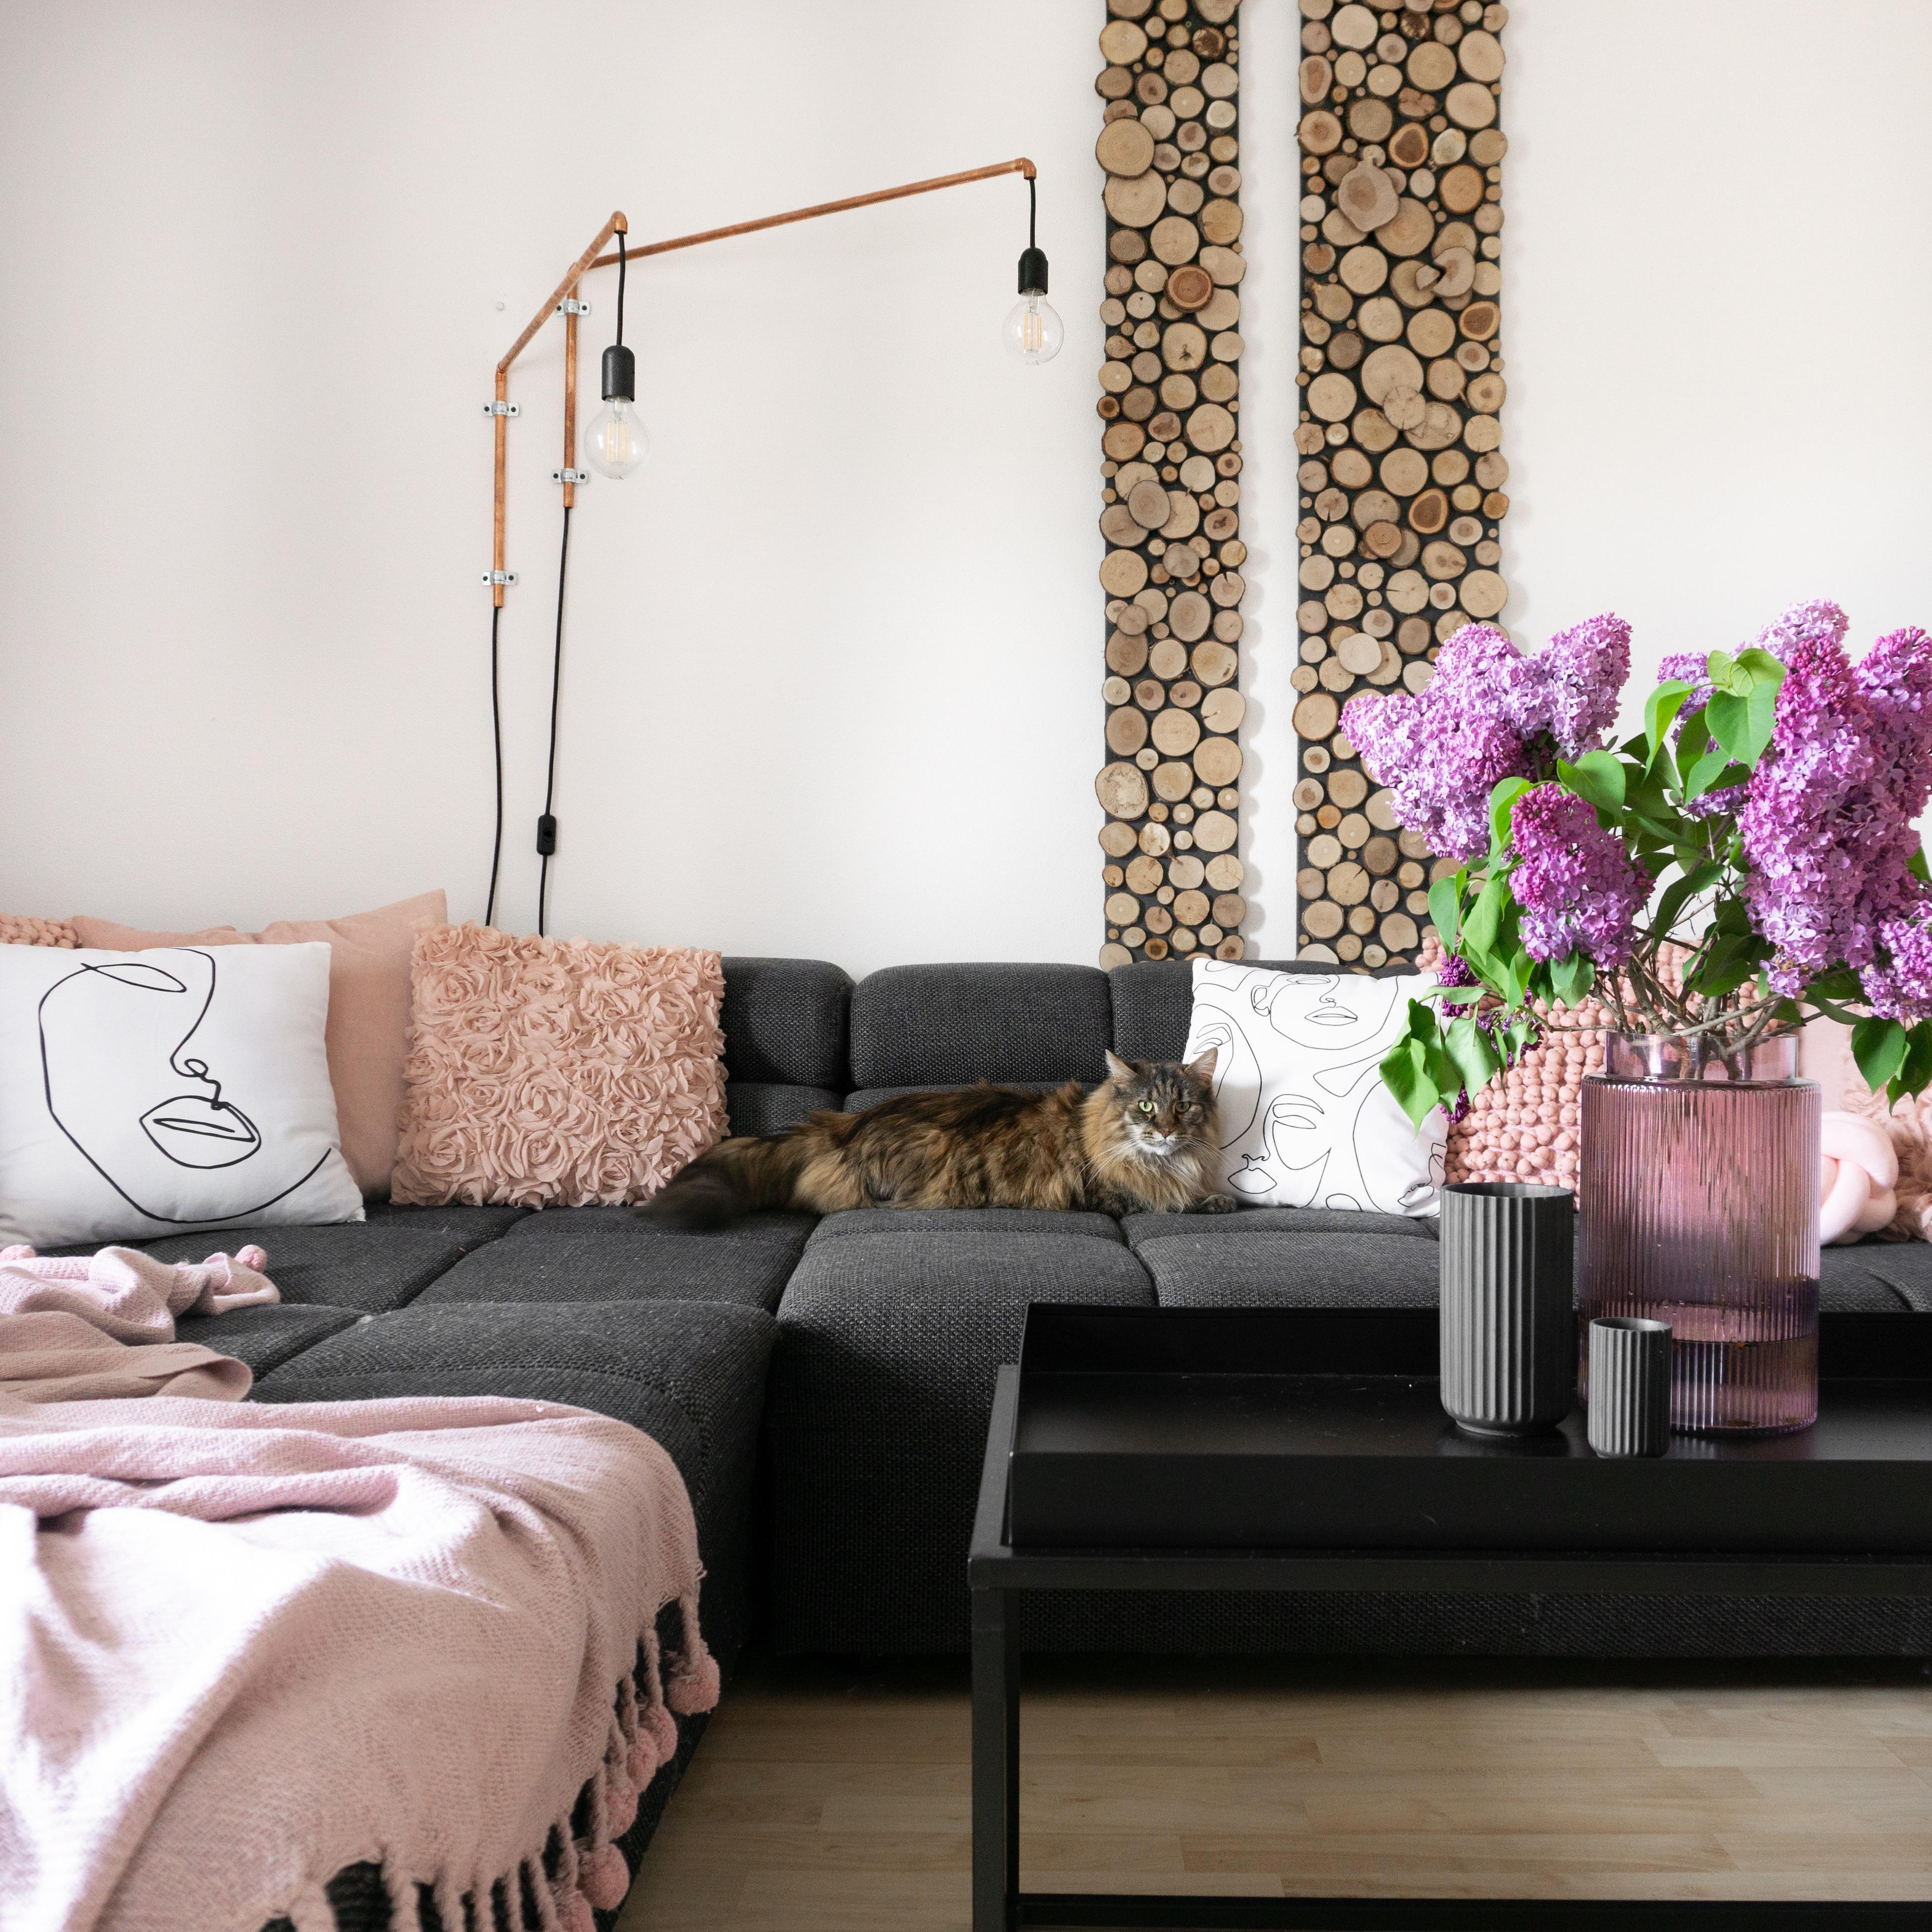 sonntag ist couchtag couch wohnzimmer wohnkonfetti doityourself diy katze